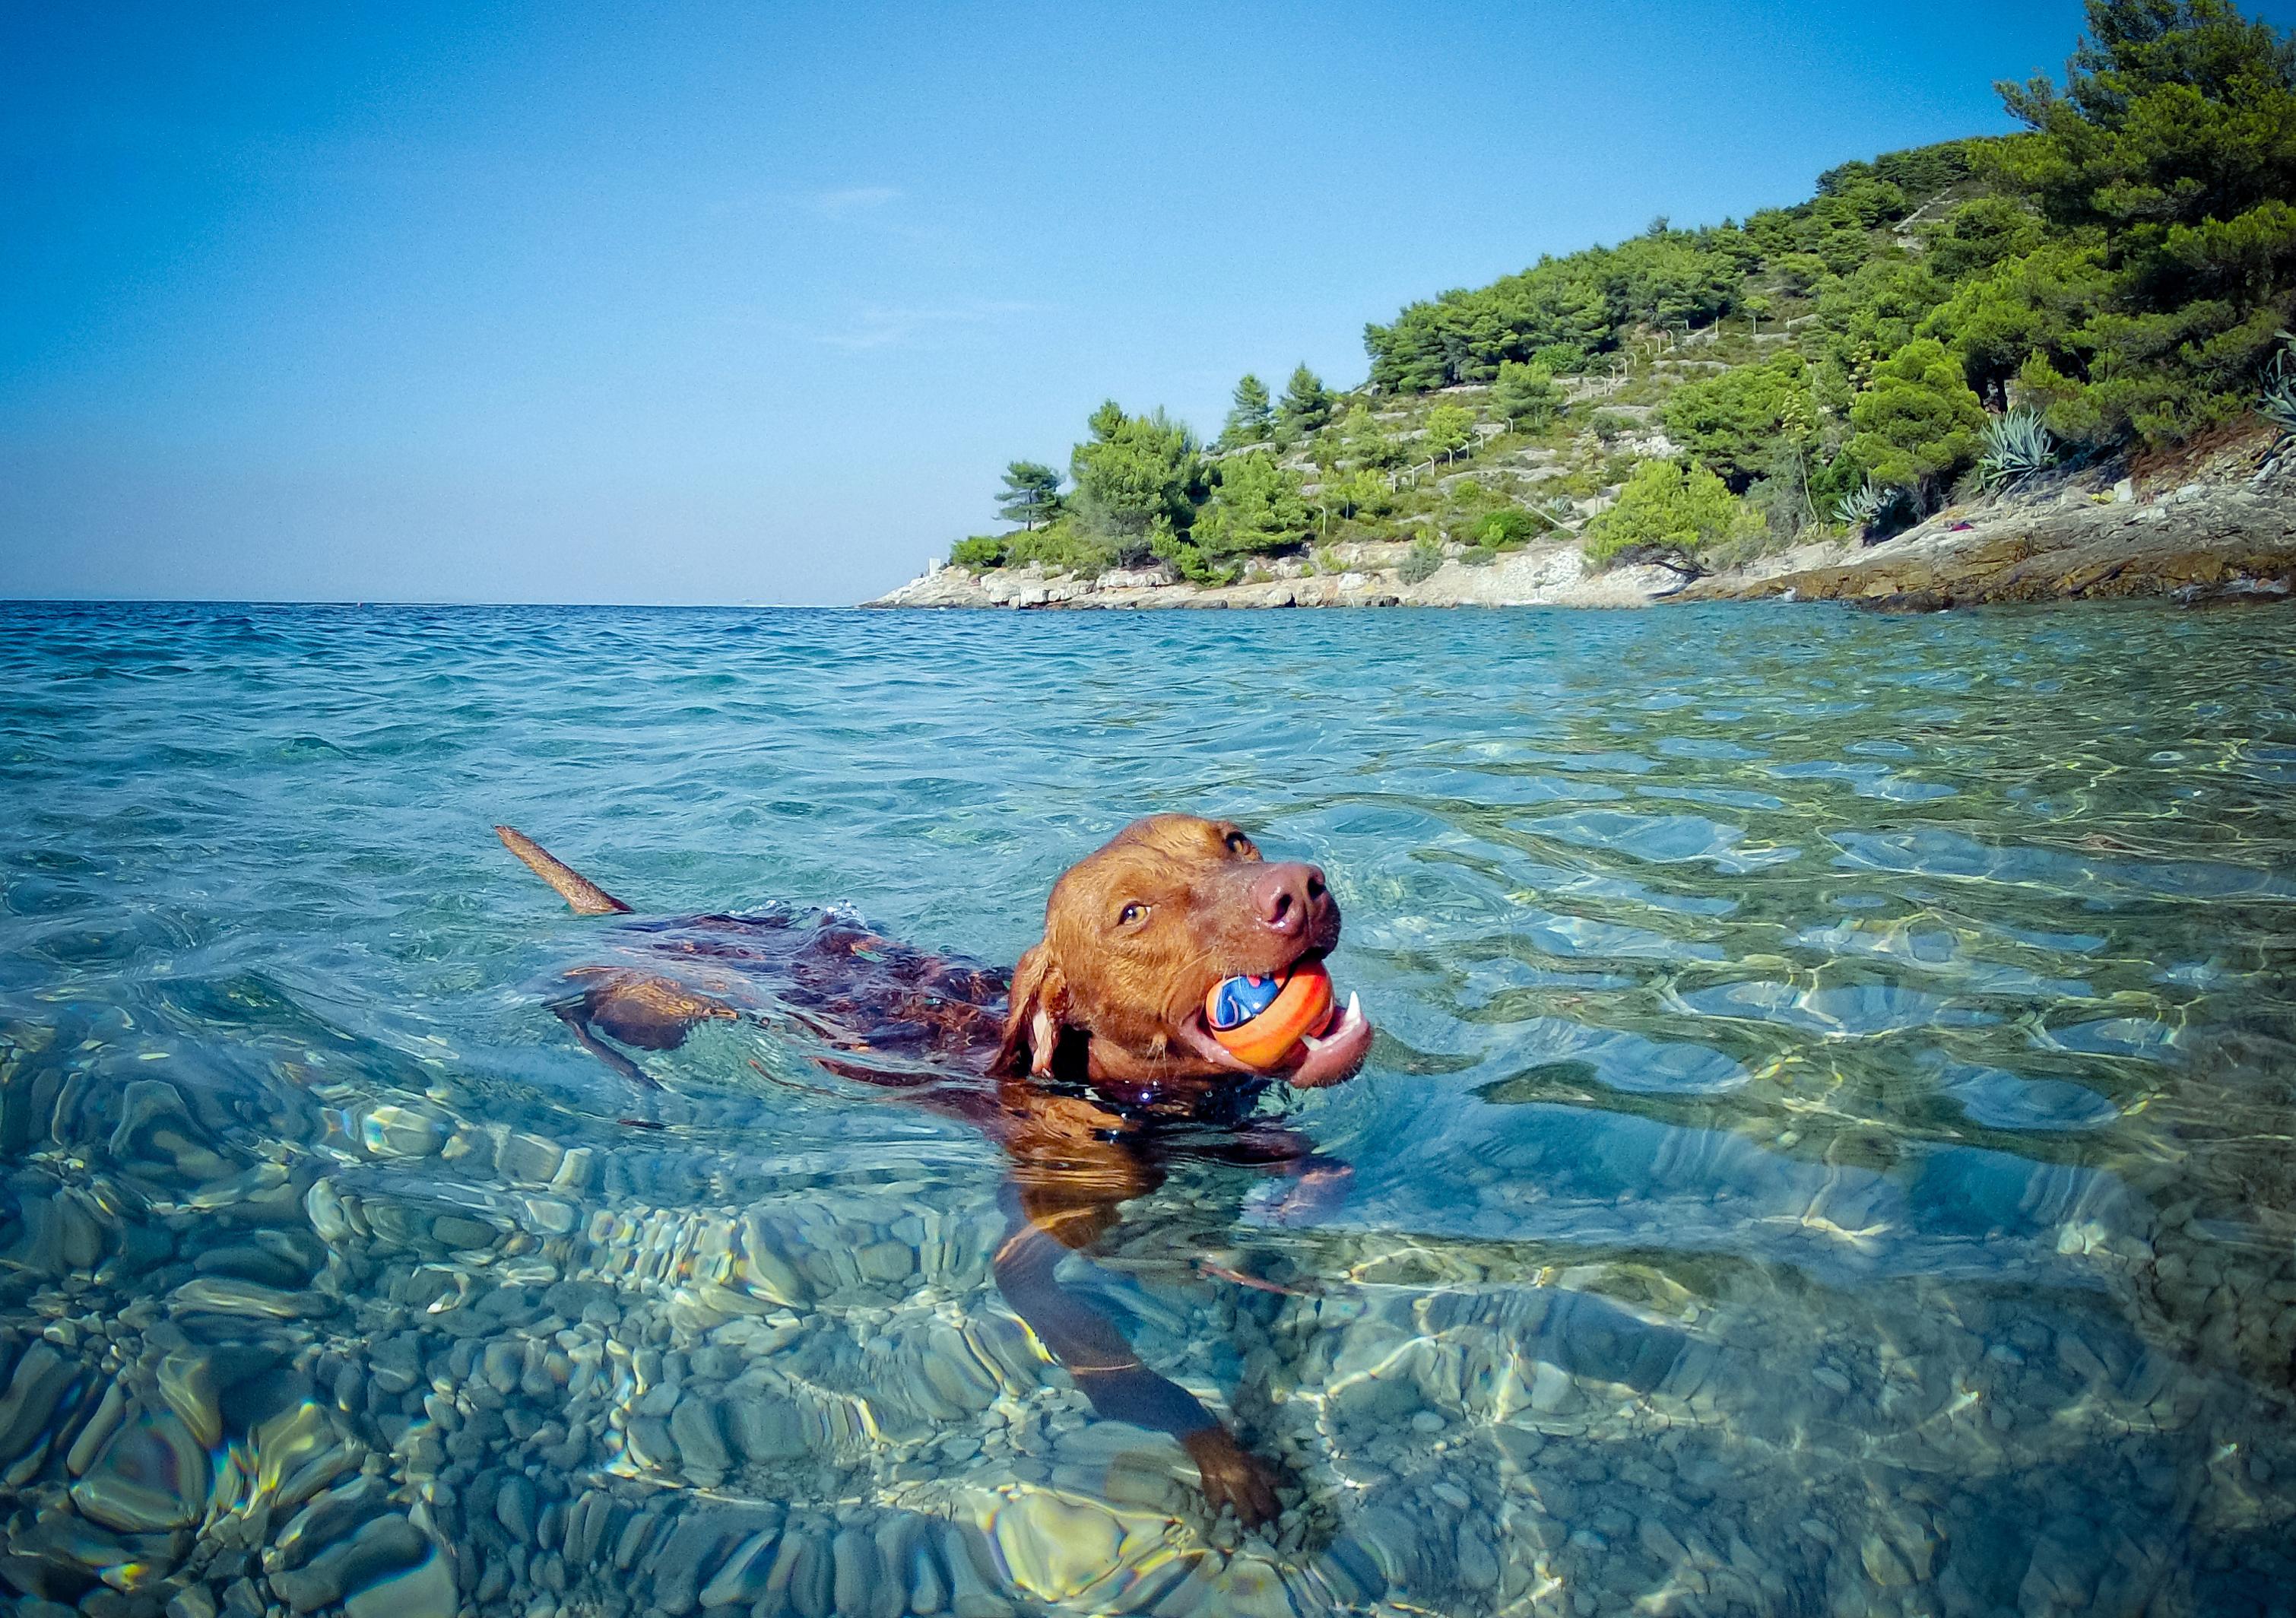 dog in water heatwave